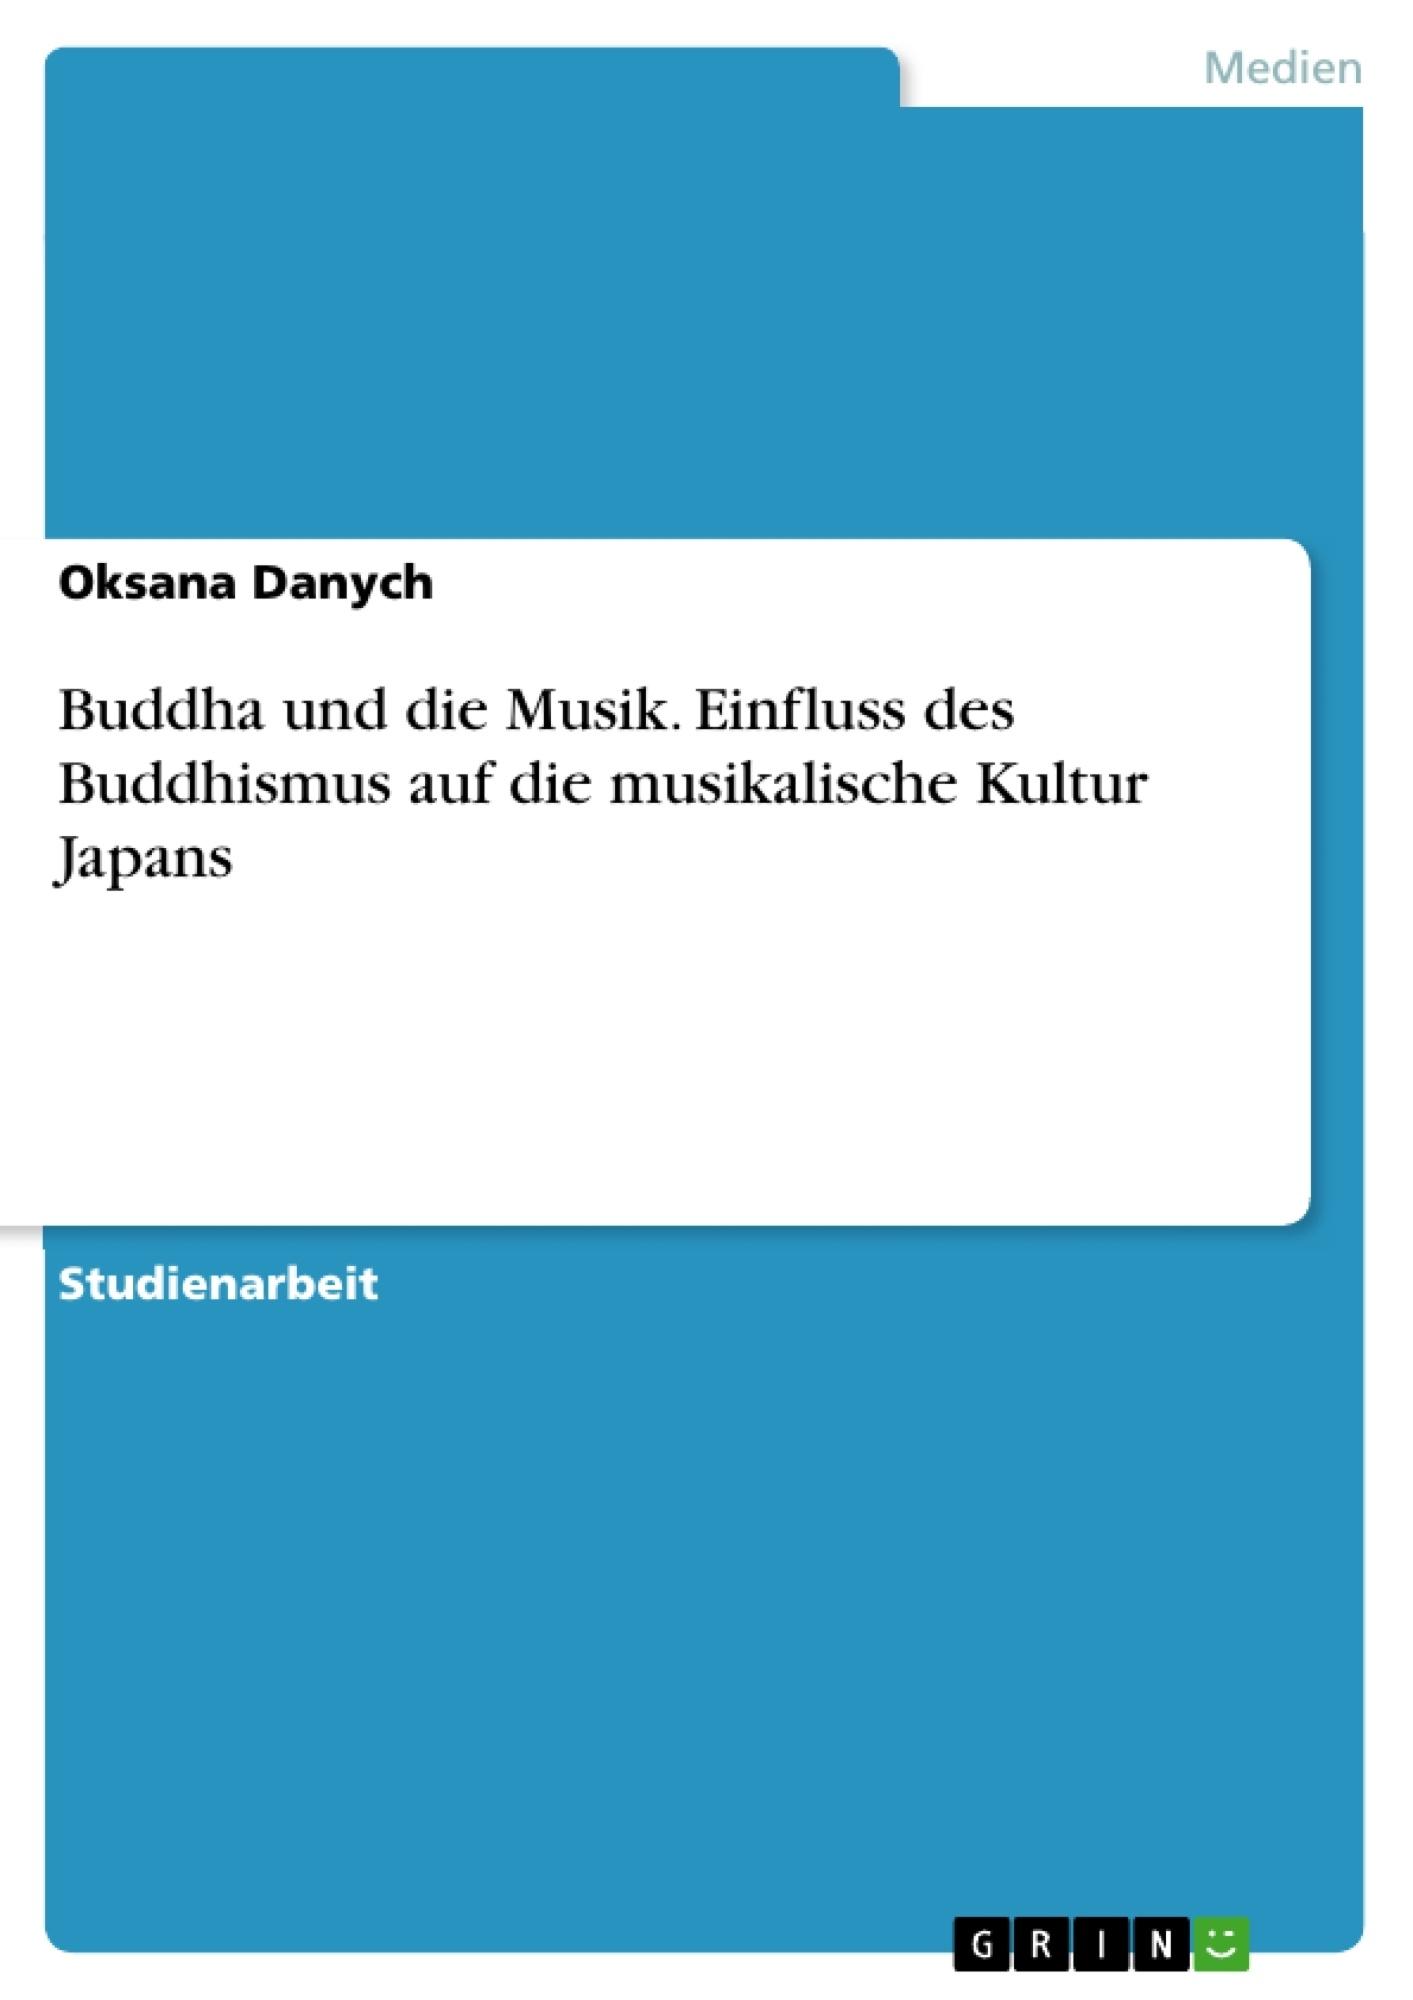 Titel: Buddha und die Musik. Einfluss des Buddhismus auf die musikalische Kultur Japans